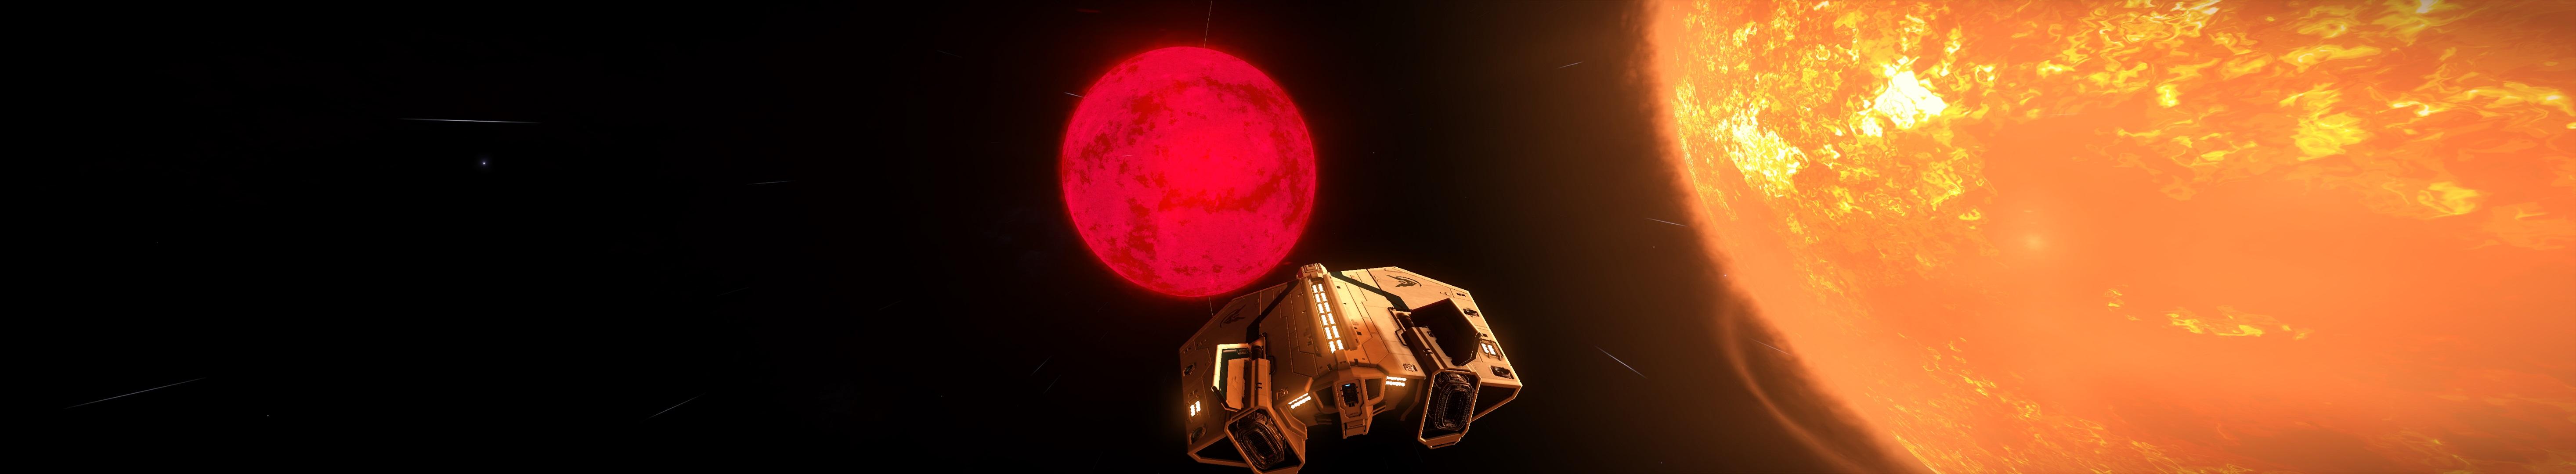 ein Binärsonnensystem mit einem roten Zwerg und einer K-Class Sonne